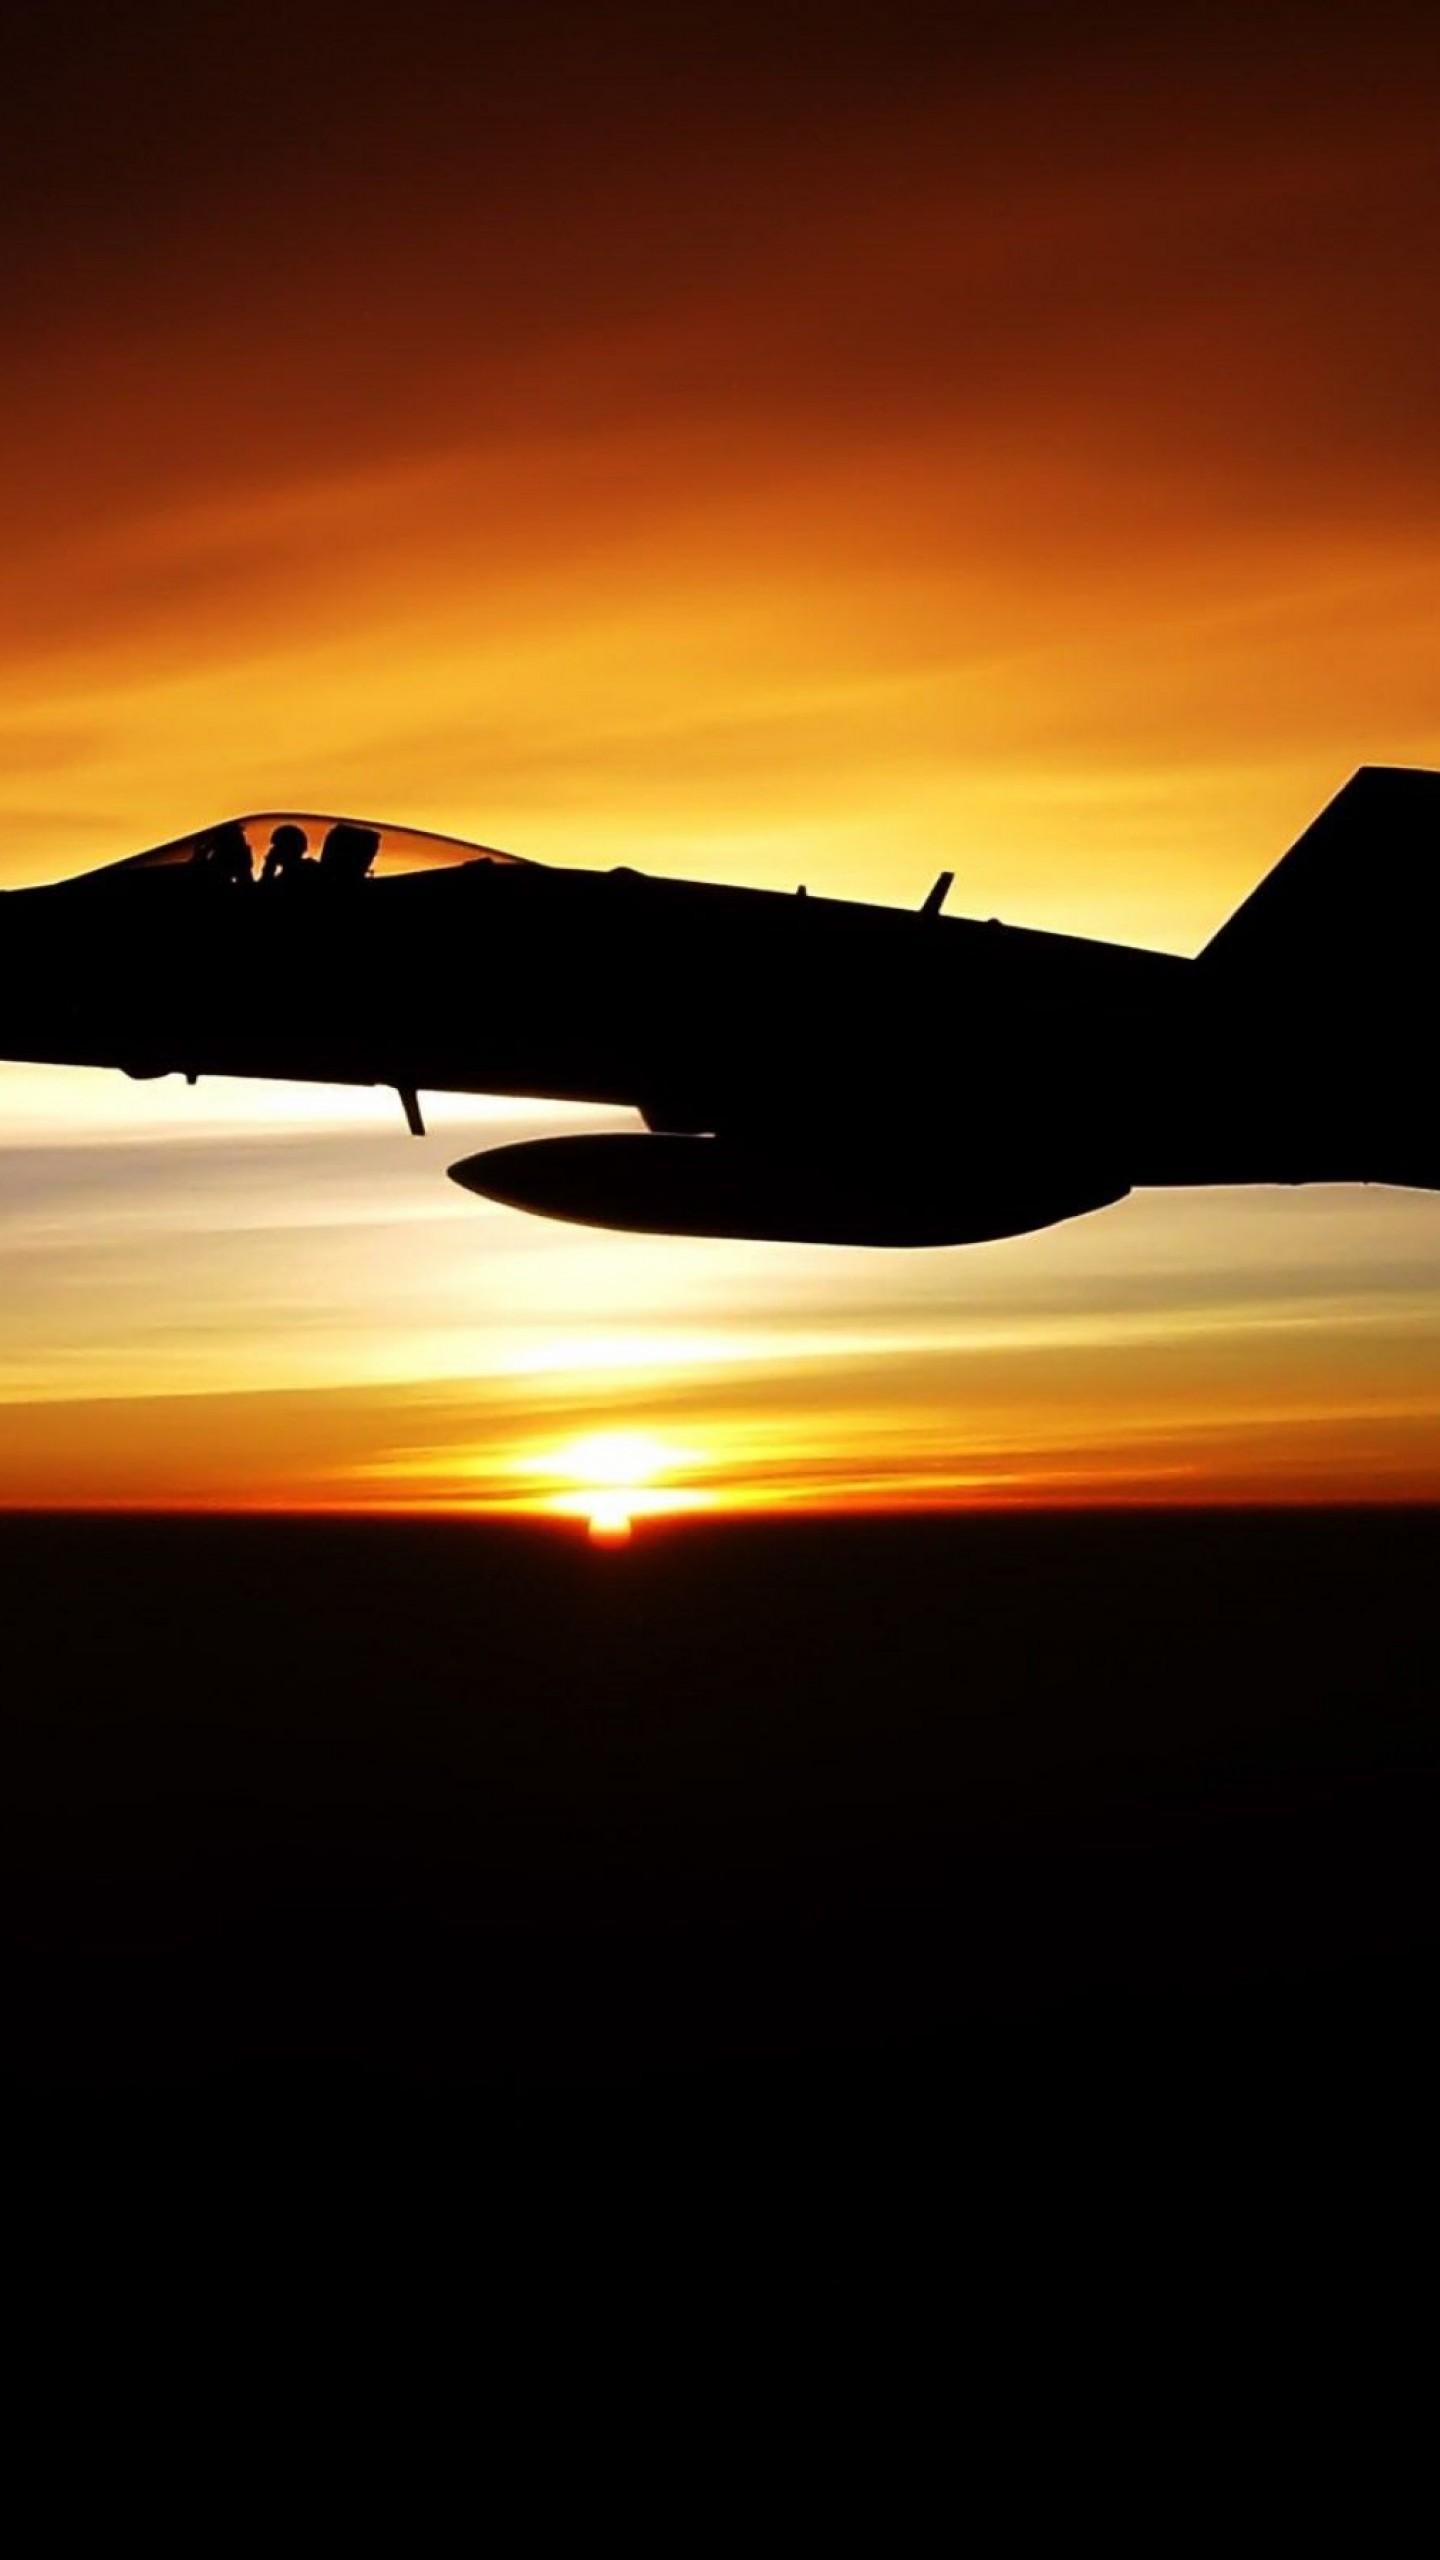 عکس زمینه پرواز جنگنده نظامی در غروب آفتاب پس زمینه